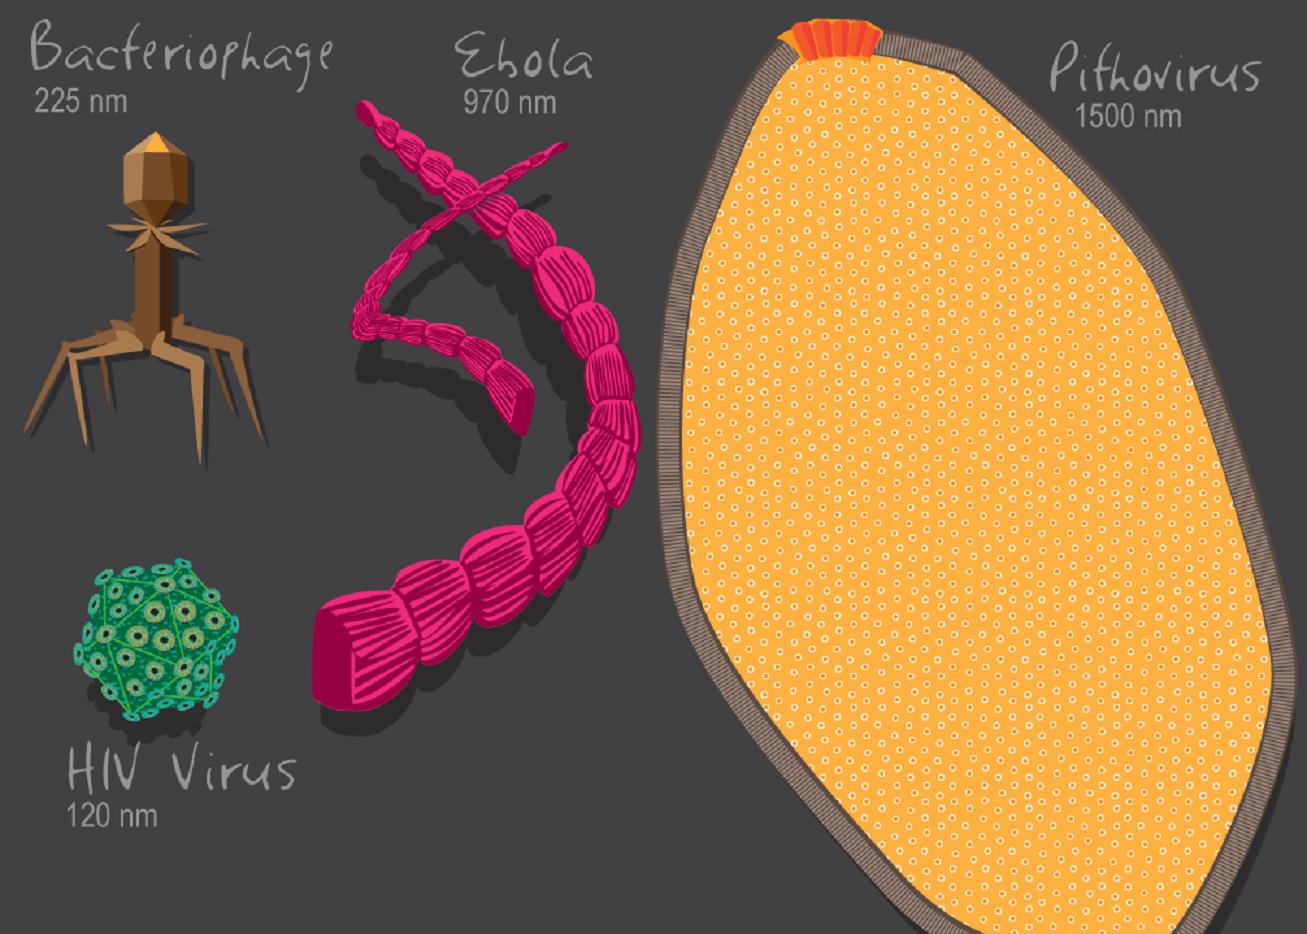 Varios virus, de distintos tipos. Imagen: Julie McMahon. Fuente: Universidad de Illinois.